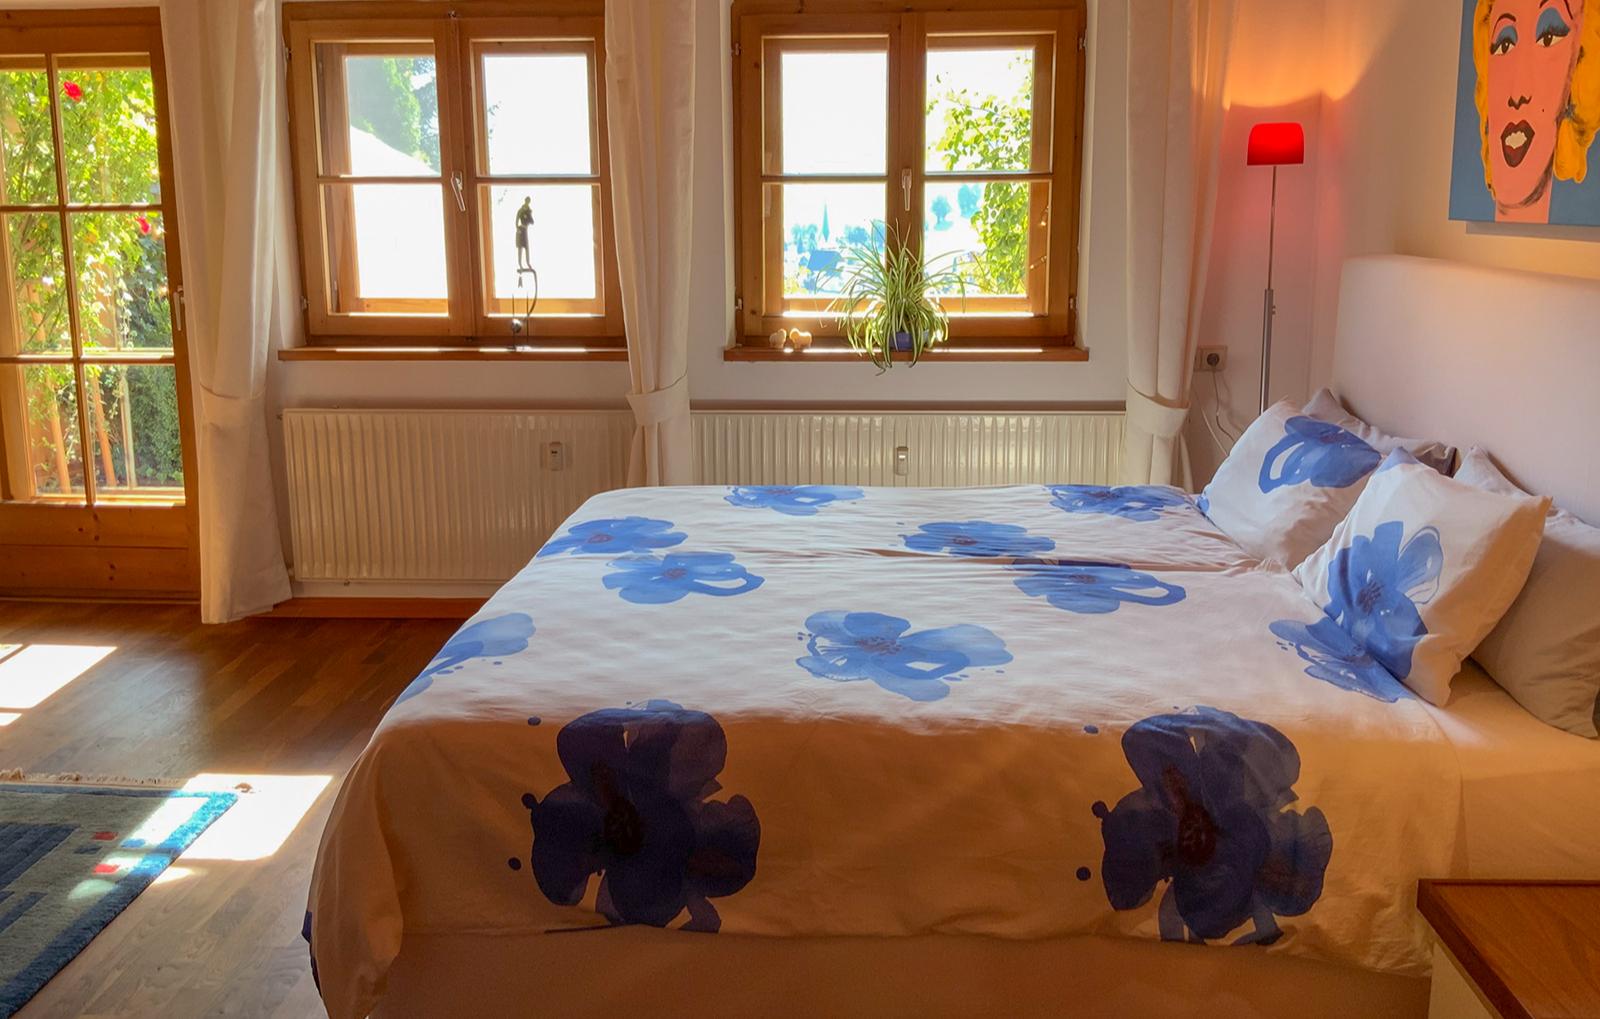 aussergewoehnlich-uebernachten-wildschoenau-bg41625731328